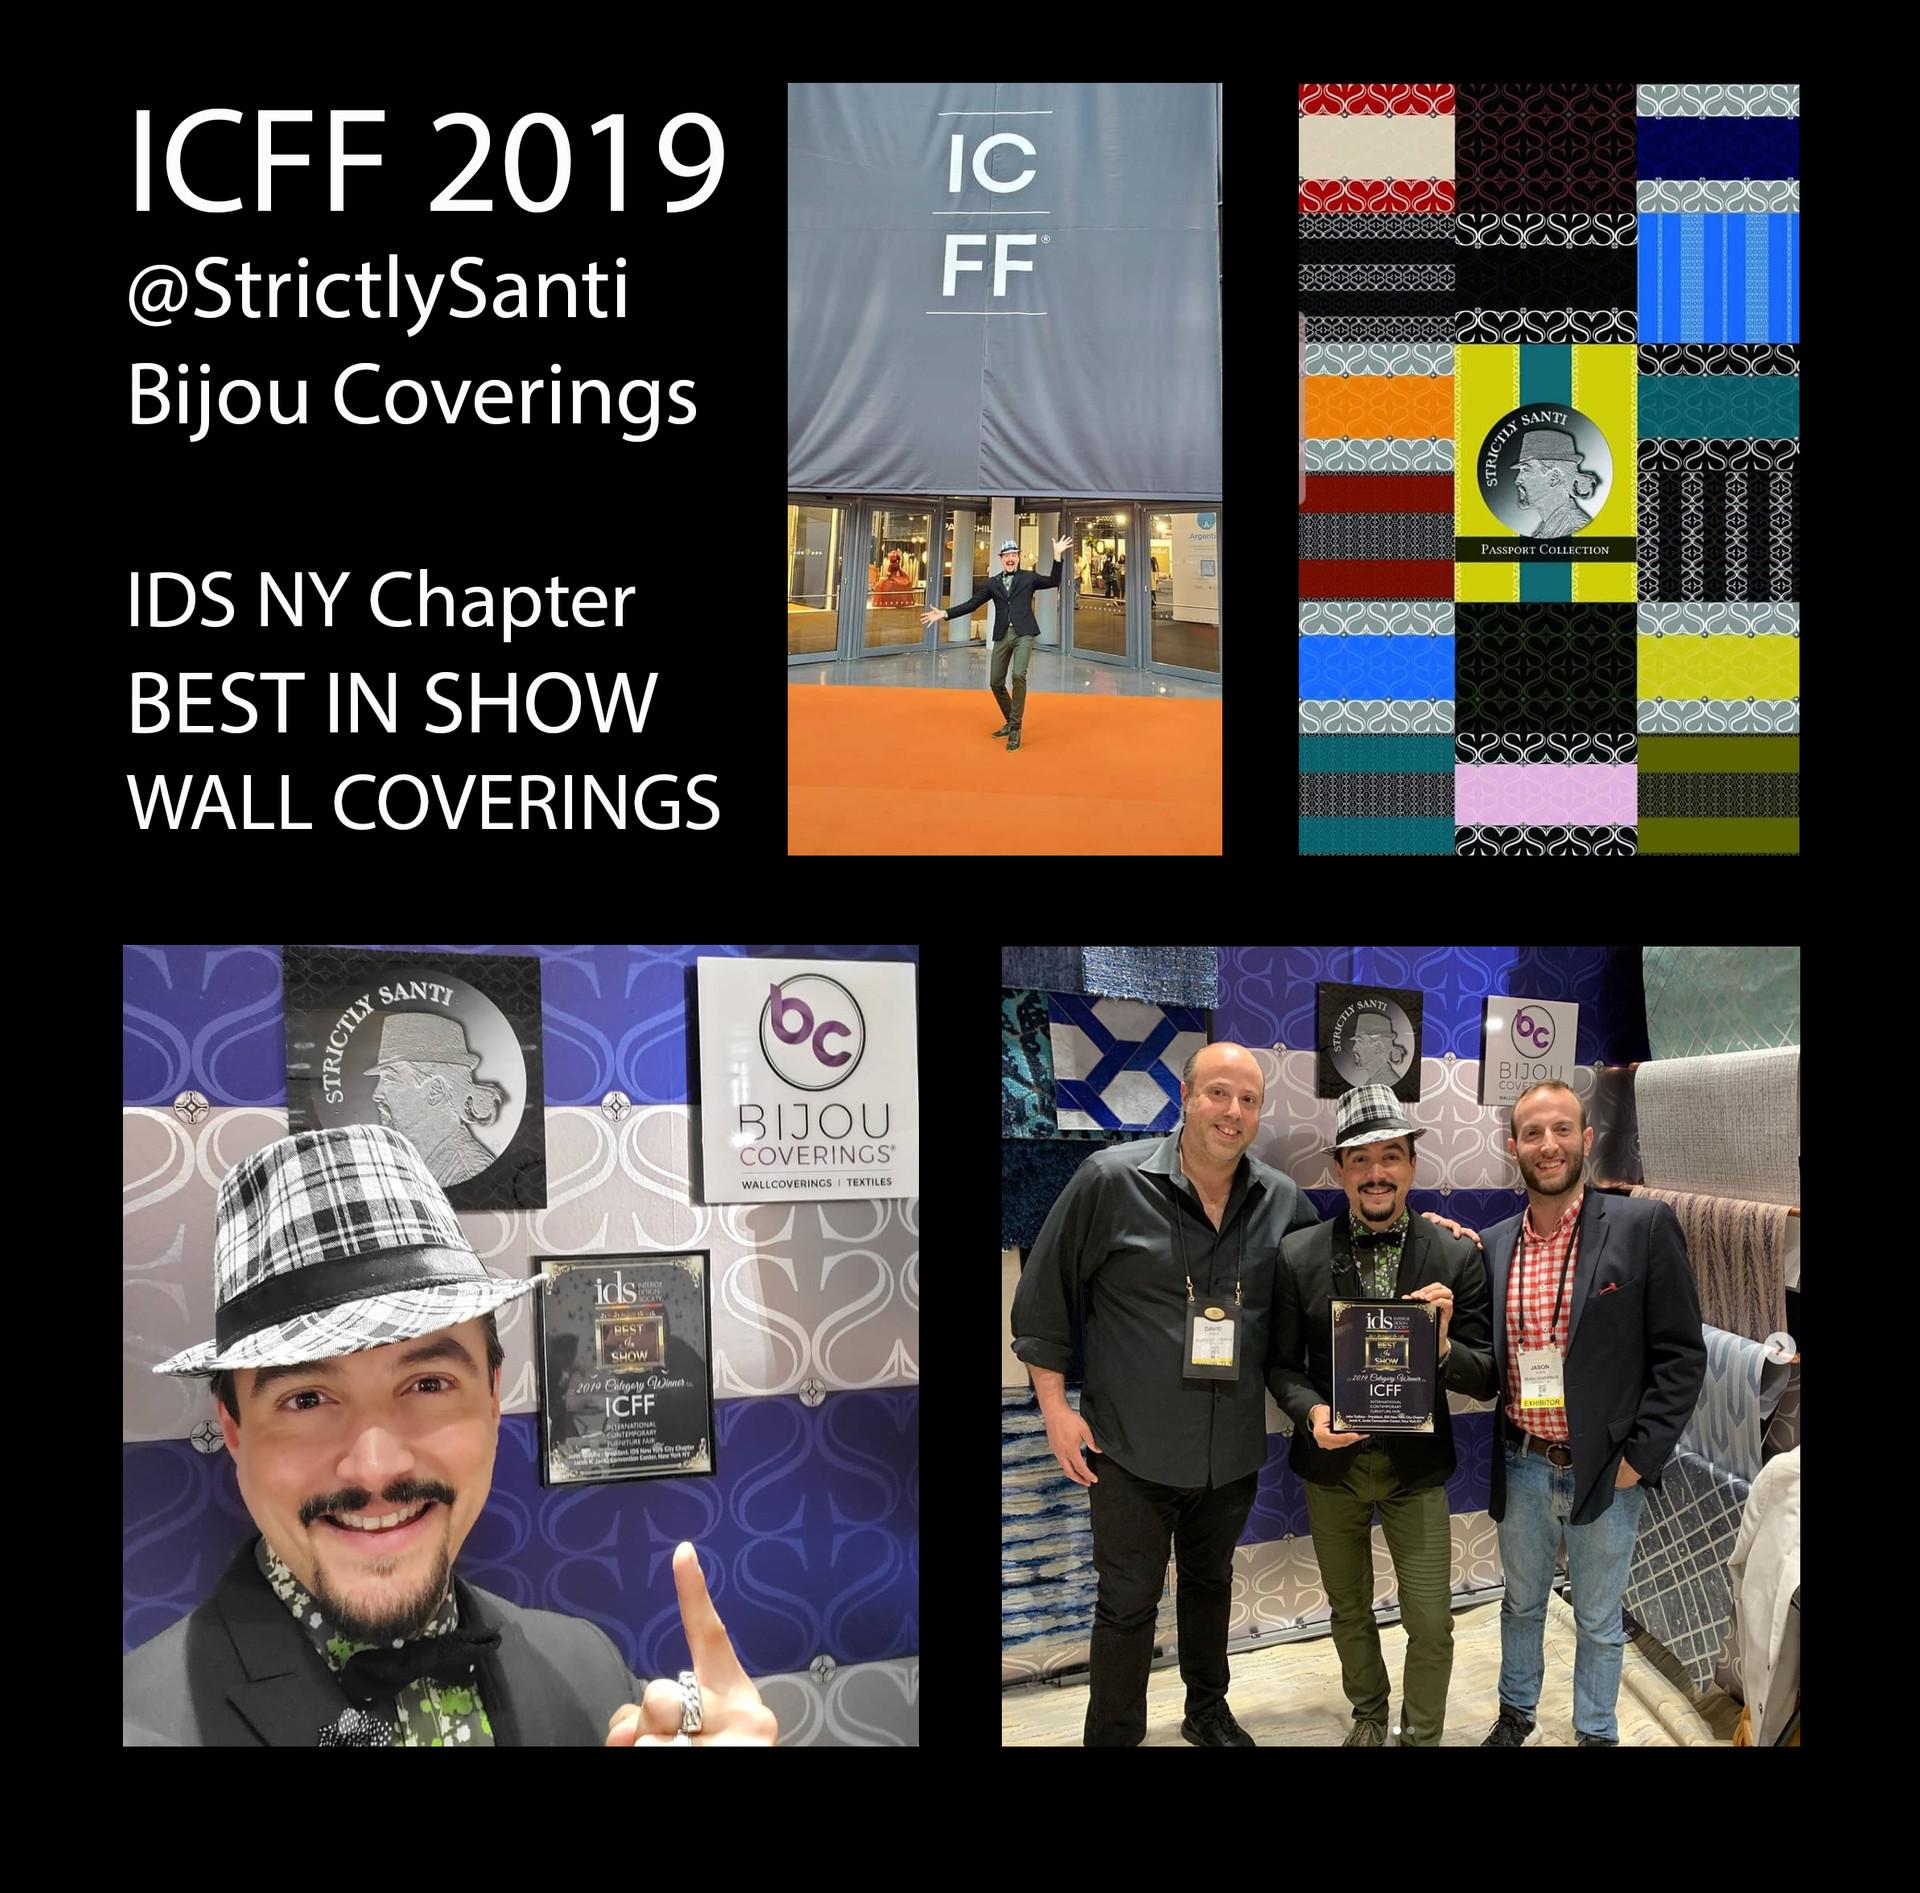 ICFF 2019